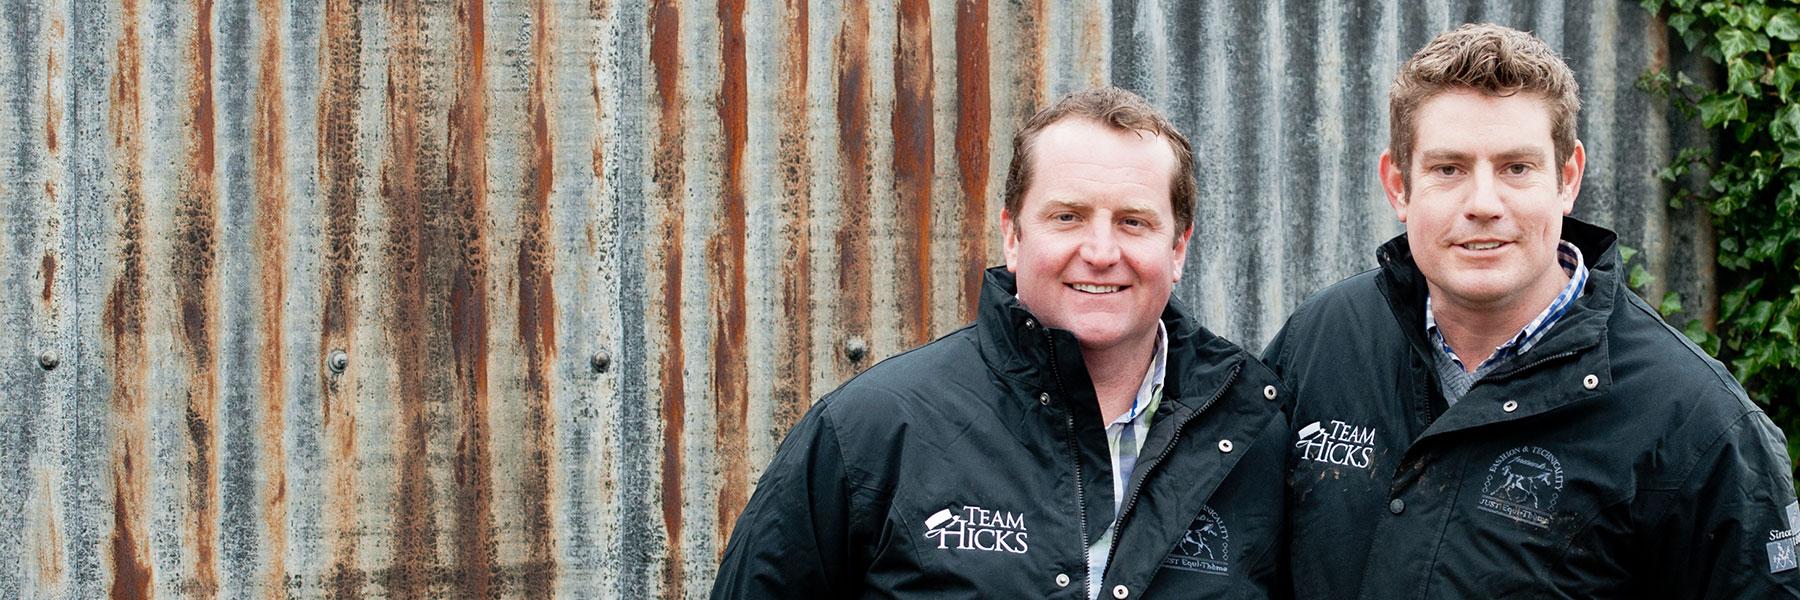 Matt-Hicks-Equestrian-Matt-and-Mat